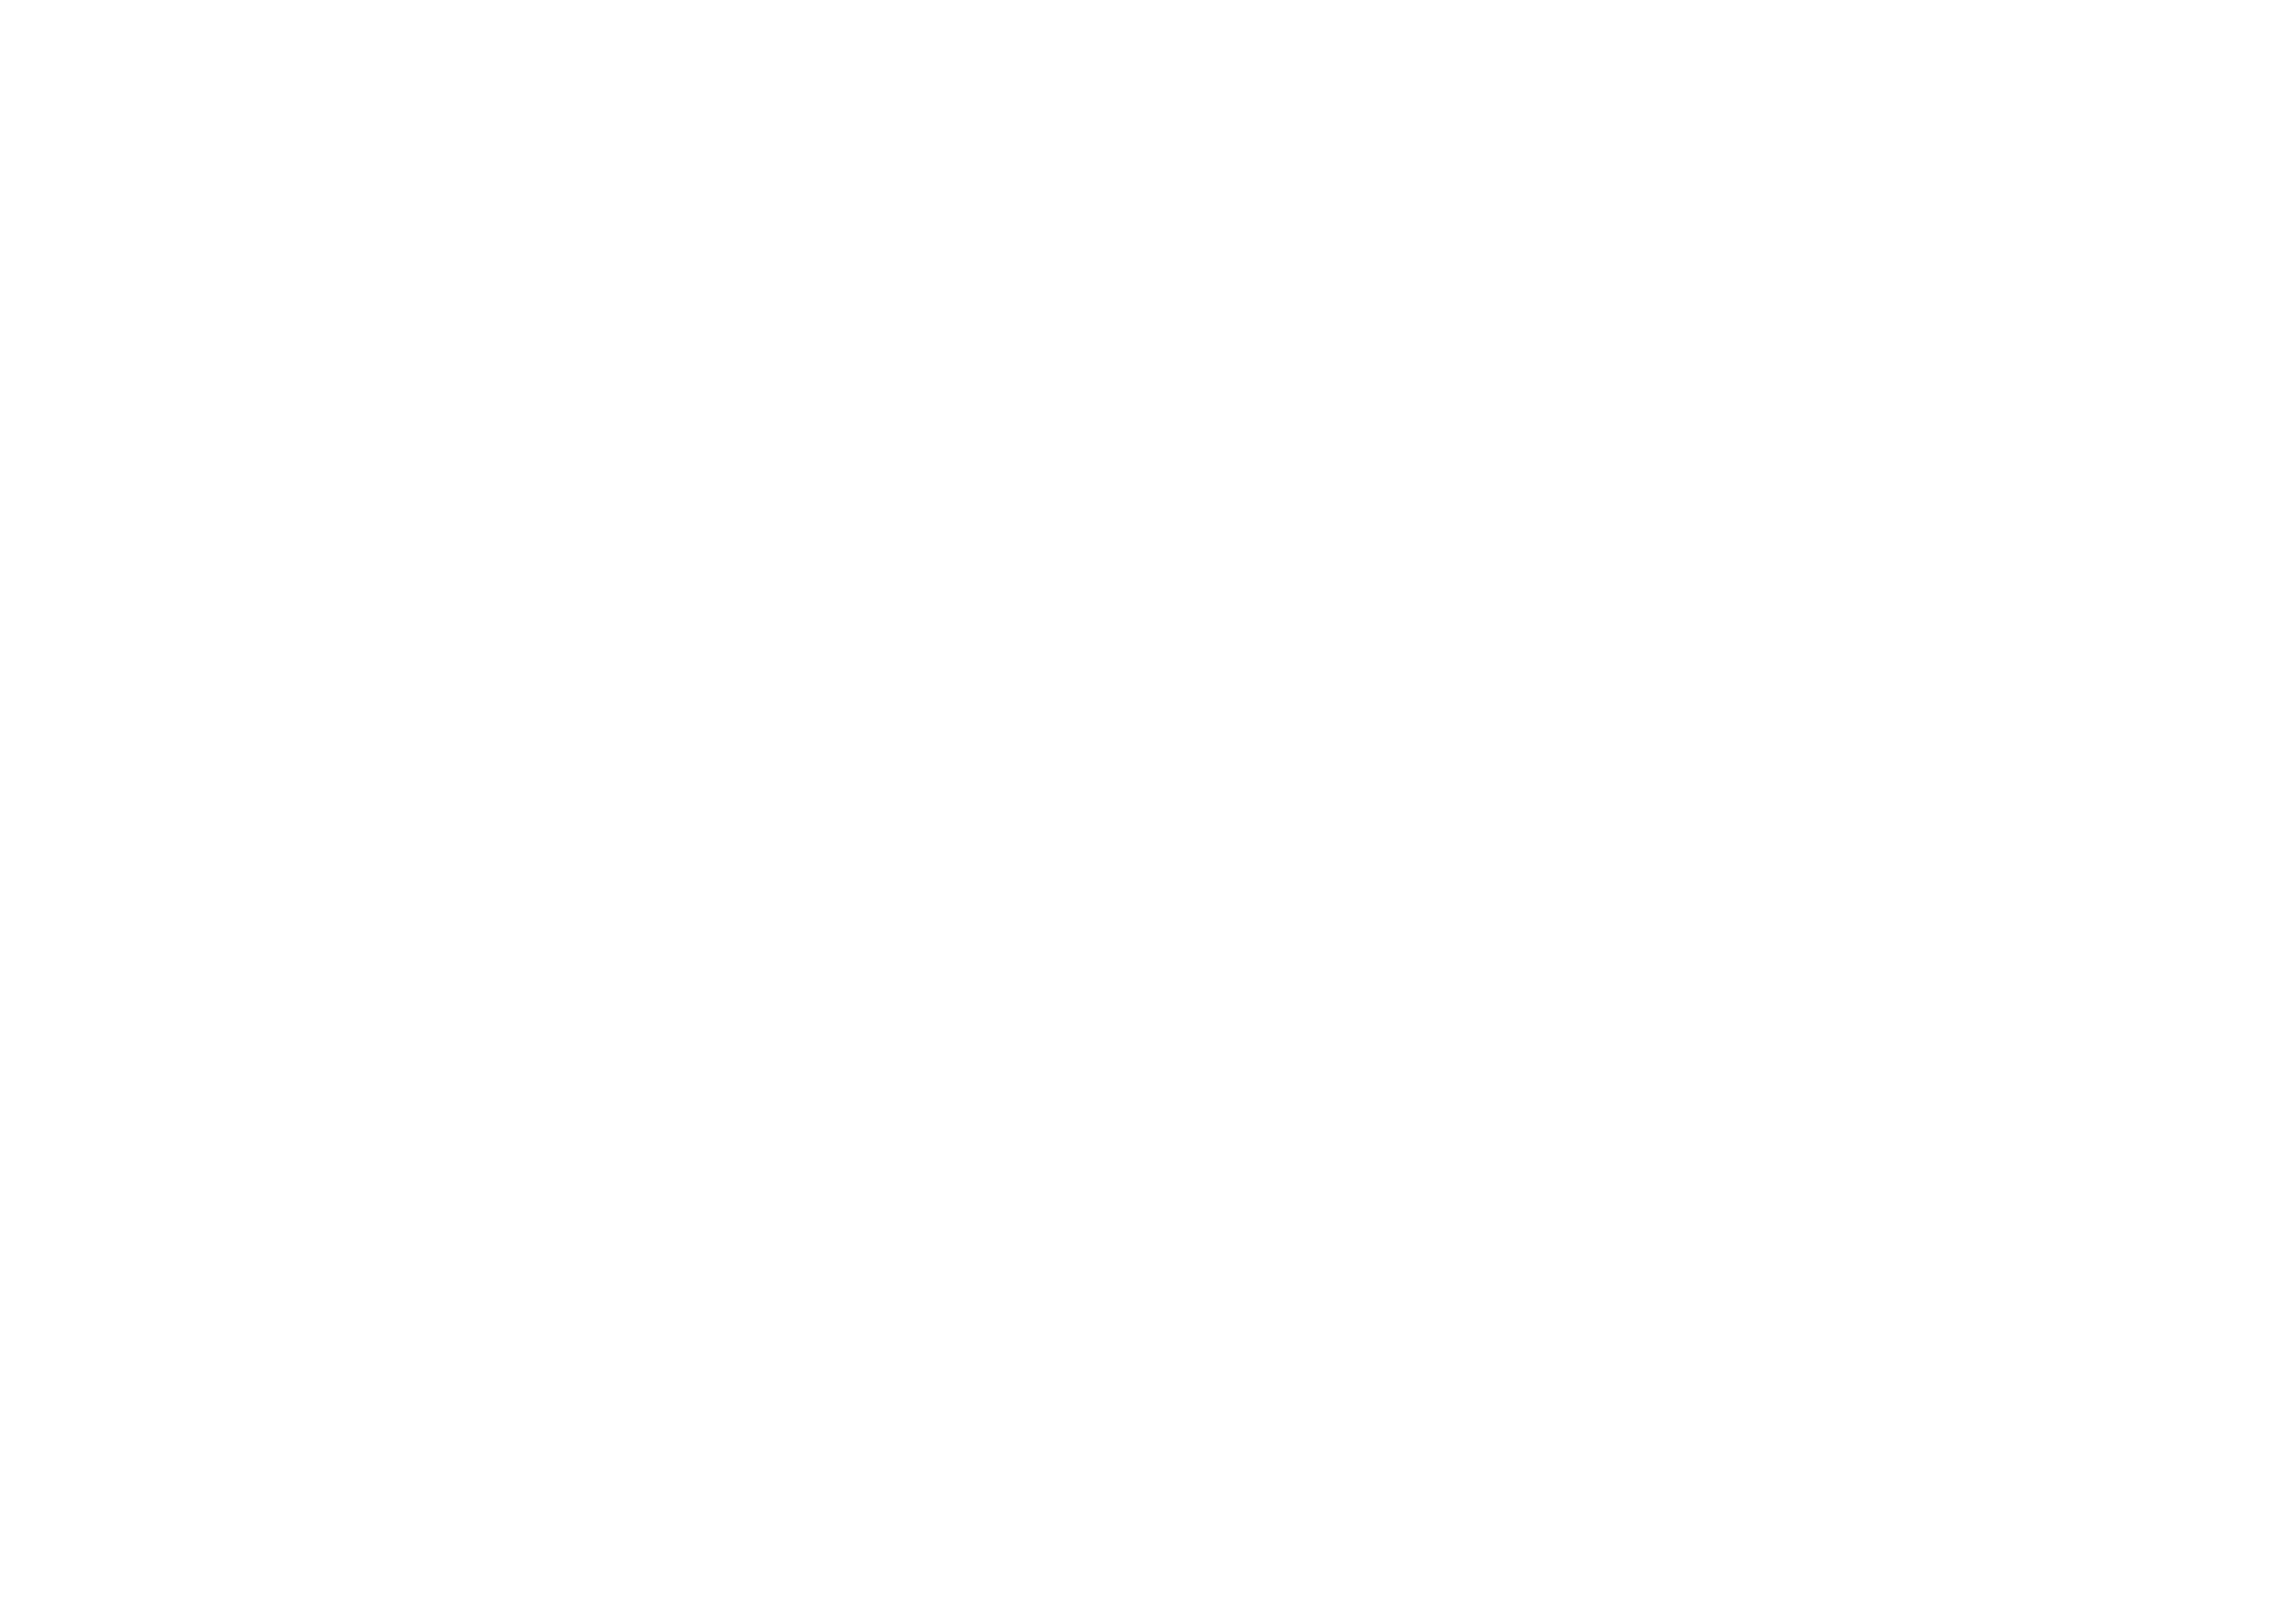 Cotswolds.com